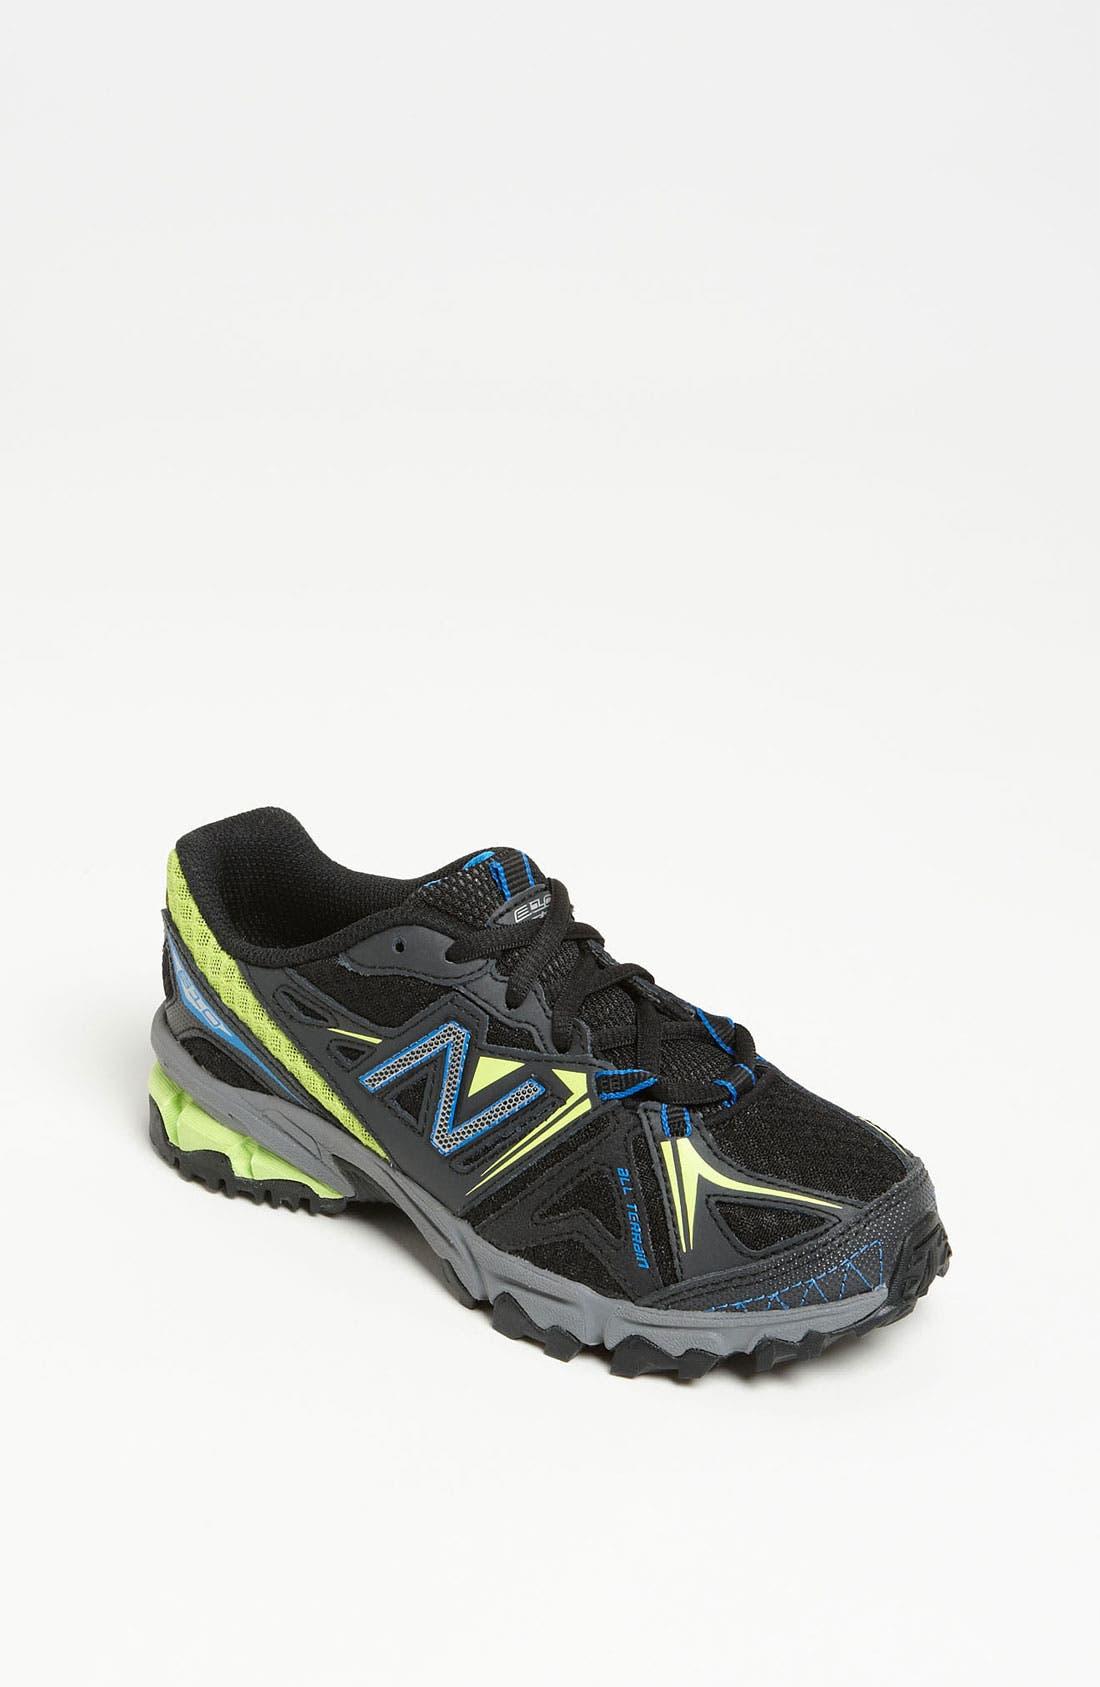 Main Image - New Balance 'Takedown 610' Trail Running Shoe (Toddler, Little Kid & Big Kid)